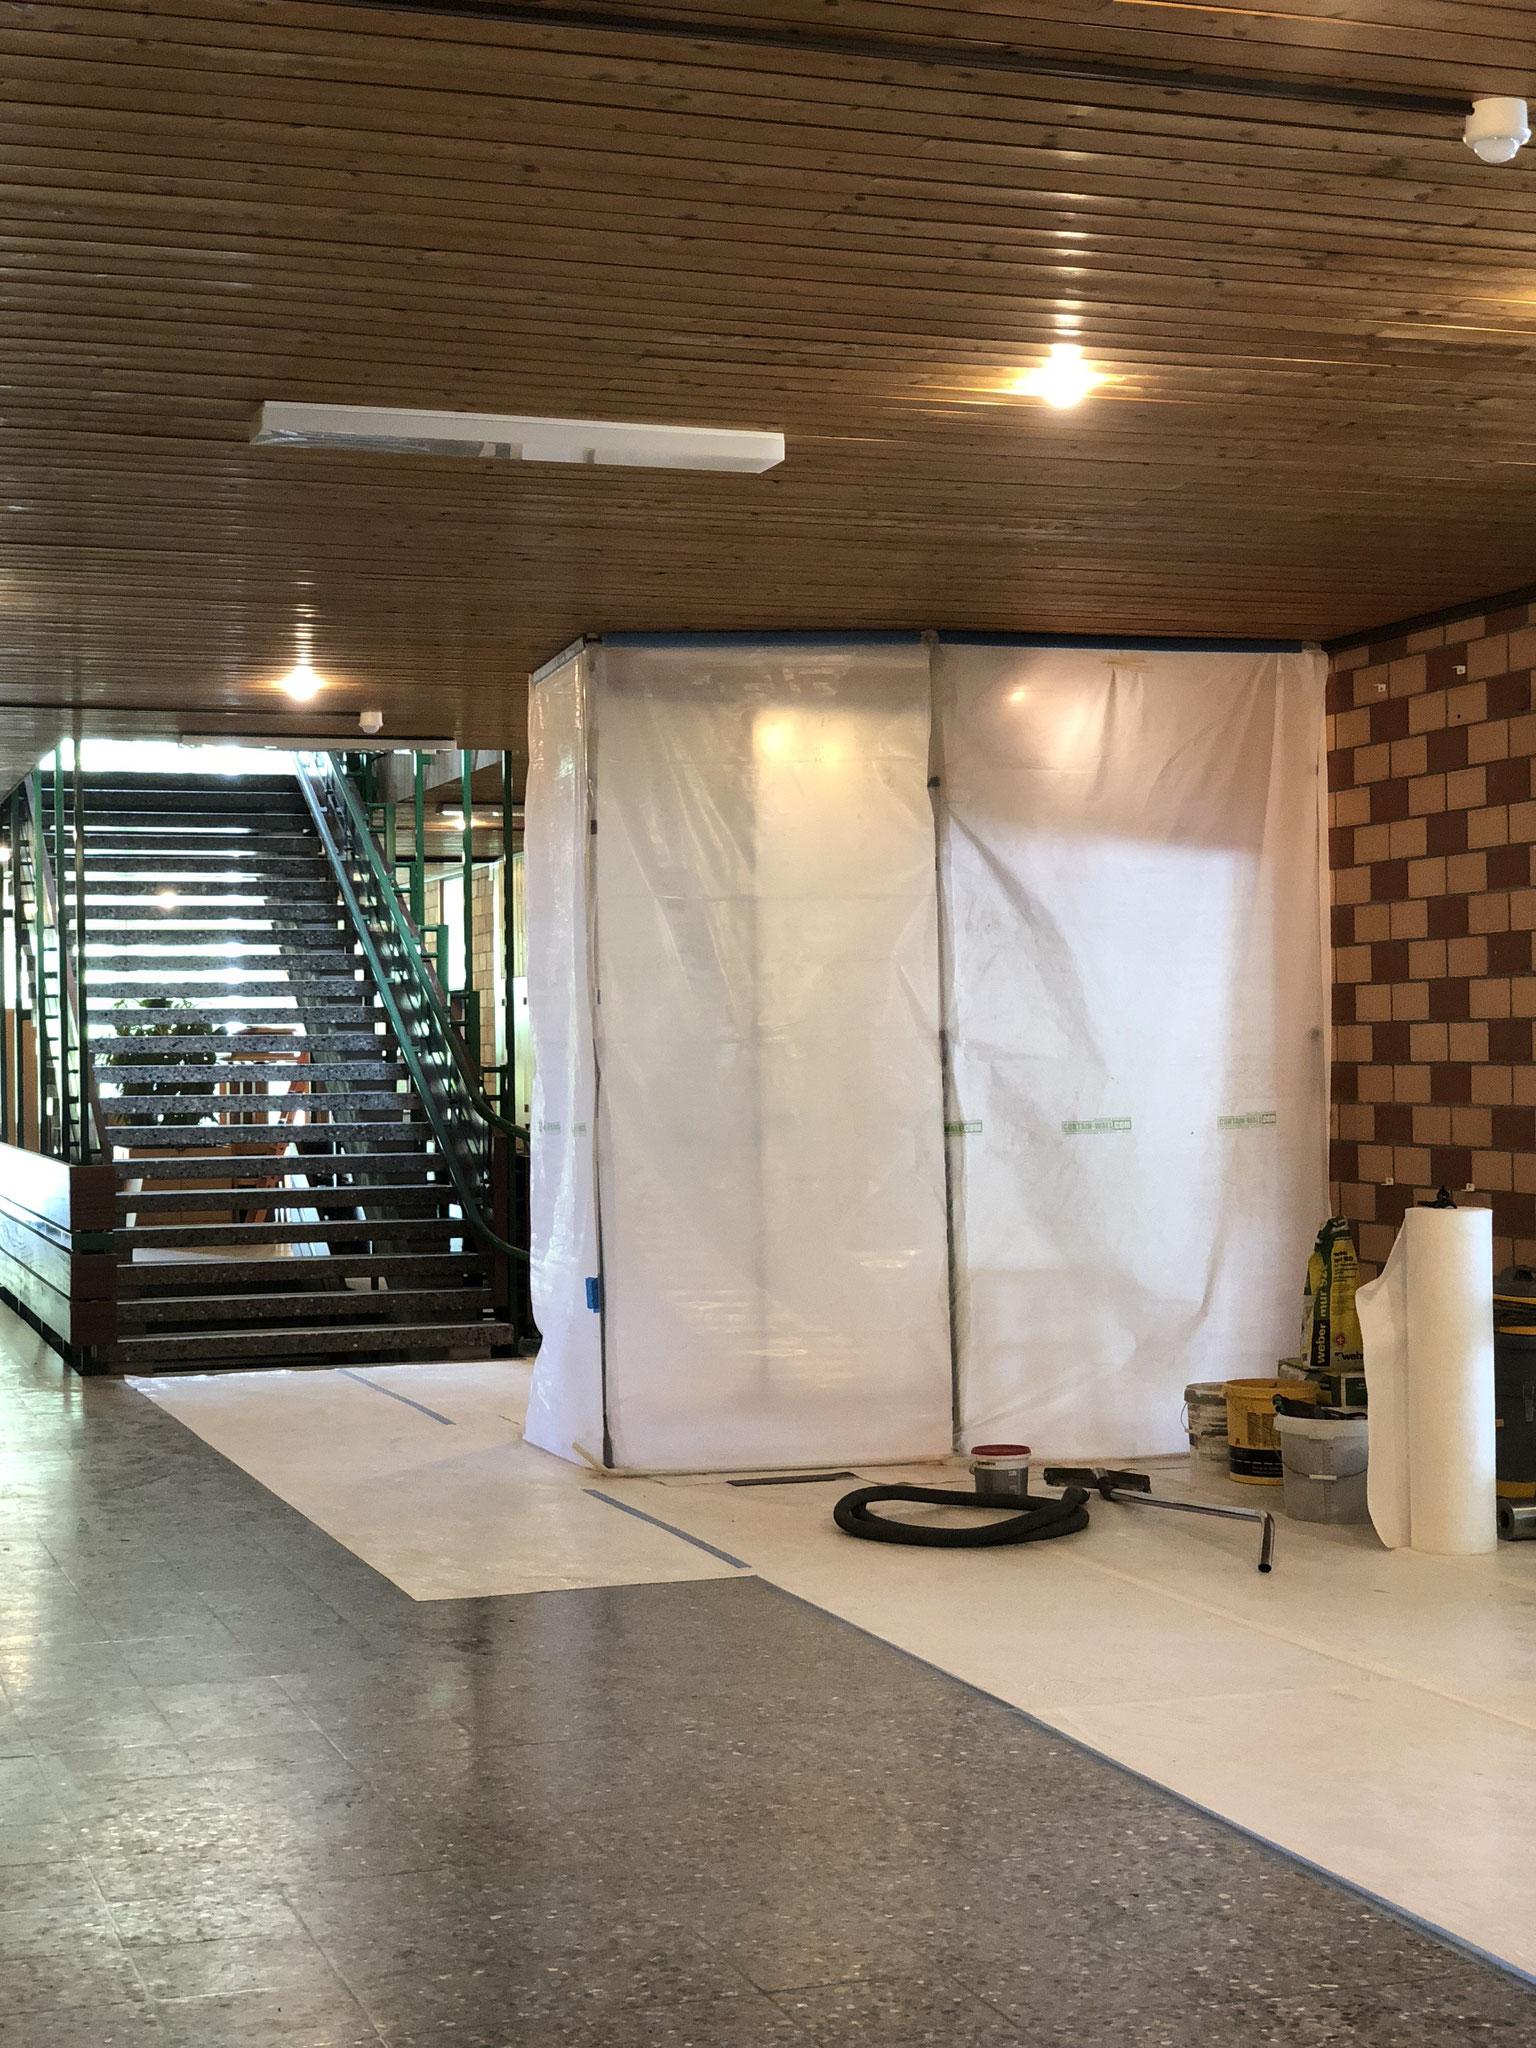 hinter dem Vorhang wird die neue Tür in das neue Schulleiterbüro eingebaut werden. Blick vom Gang